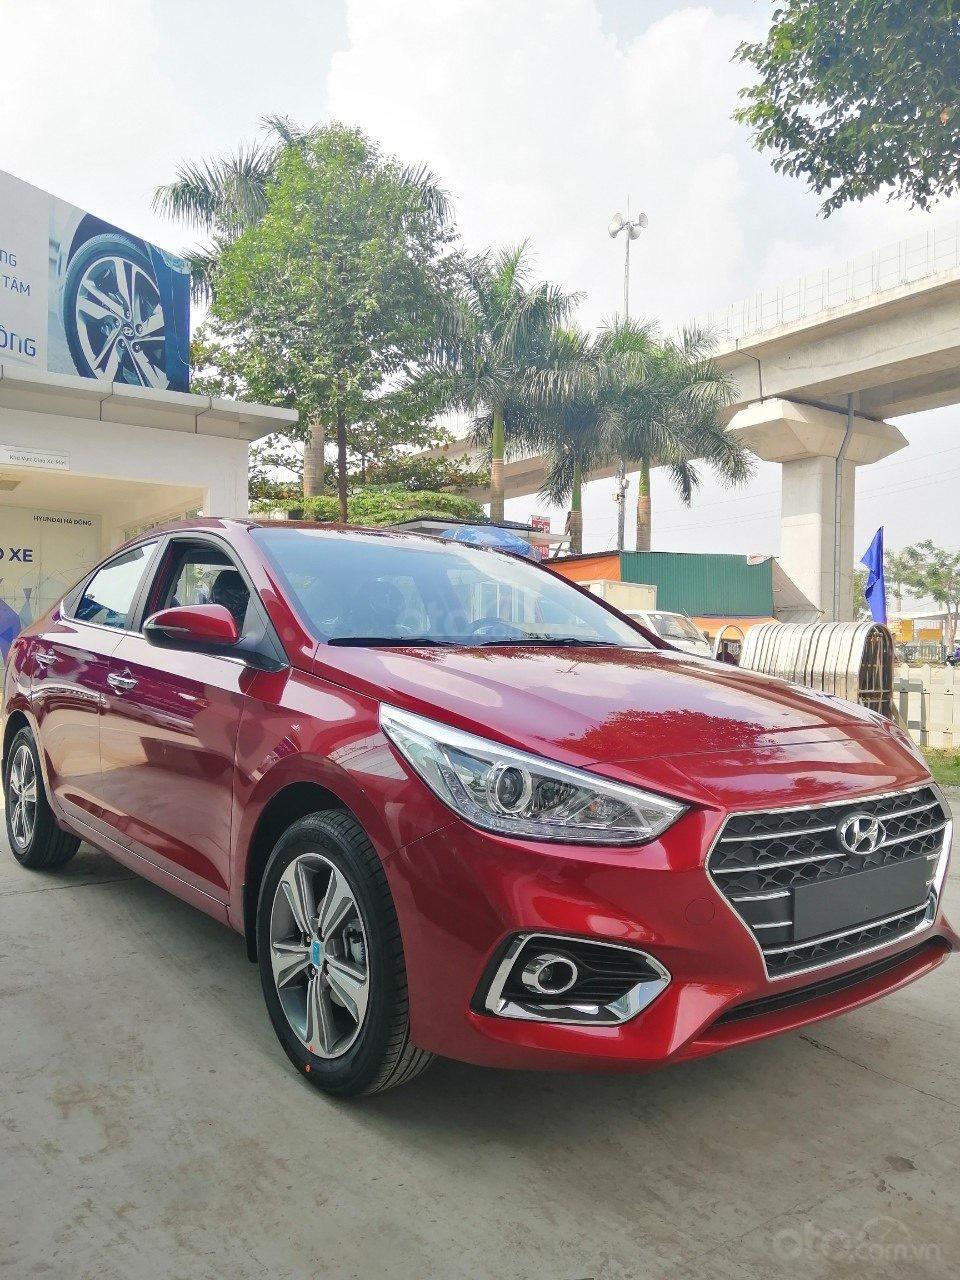 Giảm giá đẩy xe Hyundai Accent 2019 trong T10 trọn gói chỉ với 125tr, KM siêu lớn, LH 0901078111 để ép giá (1)